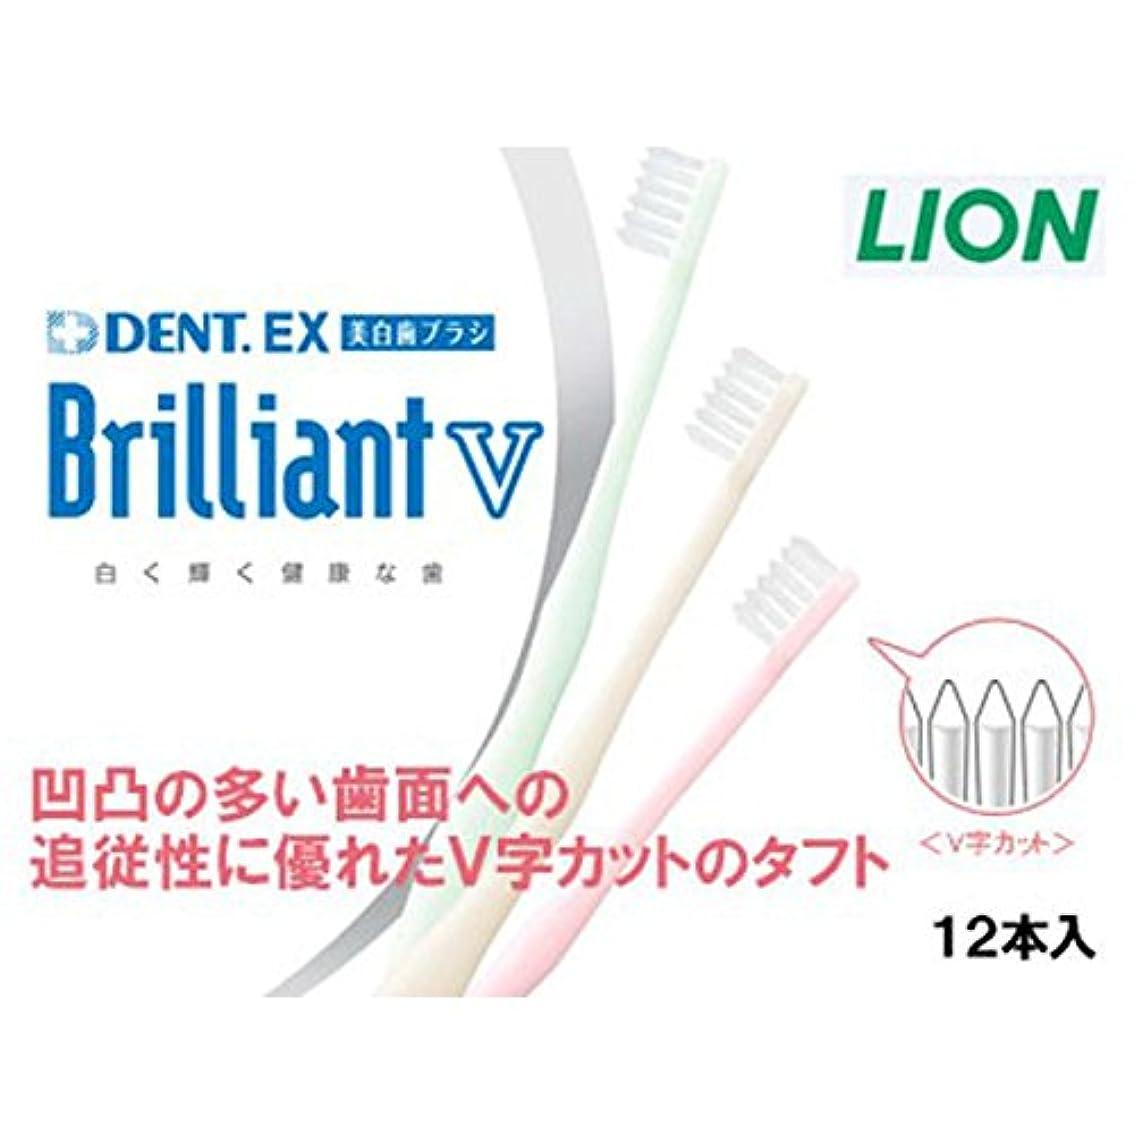 図書館電気的感情ライオン ブリリアントV 歯ブラシ DENT.EX BrilliantV 12本